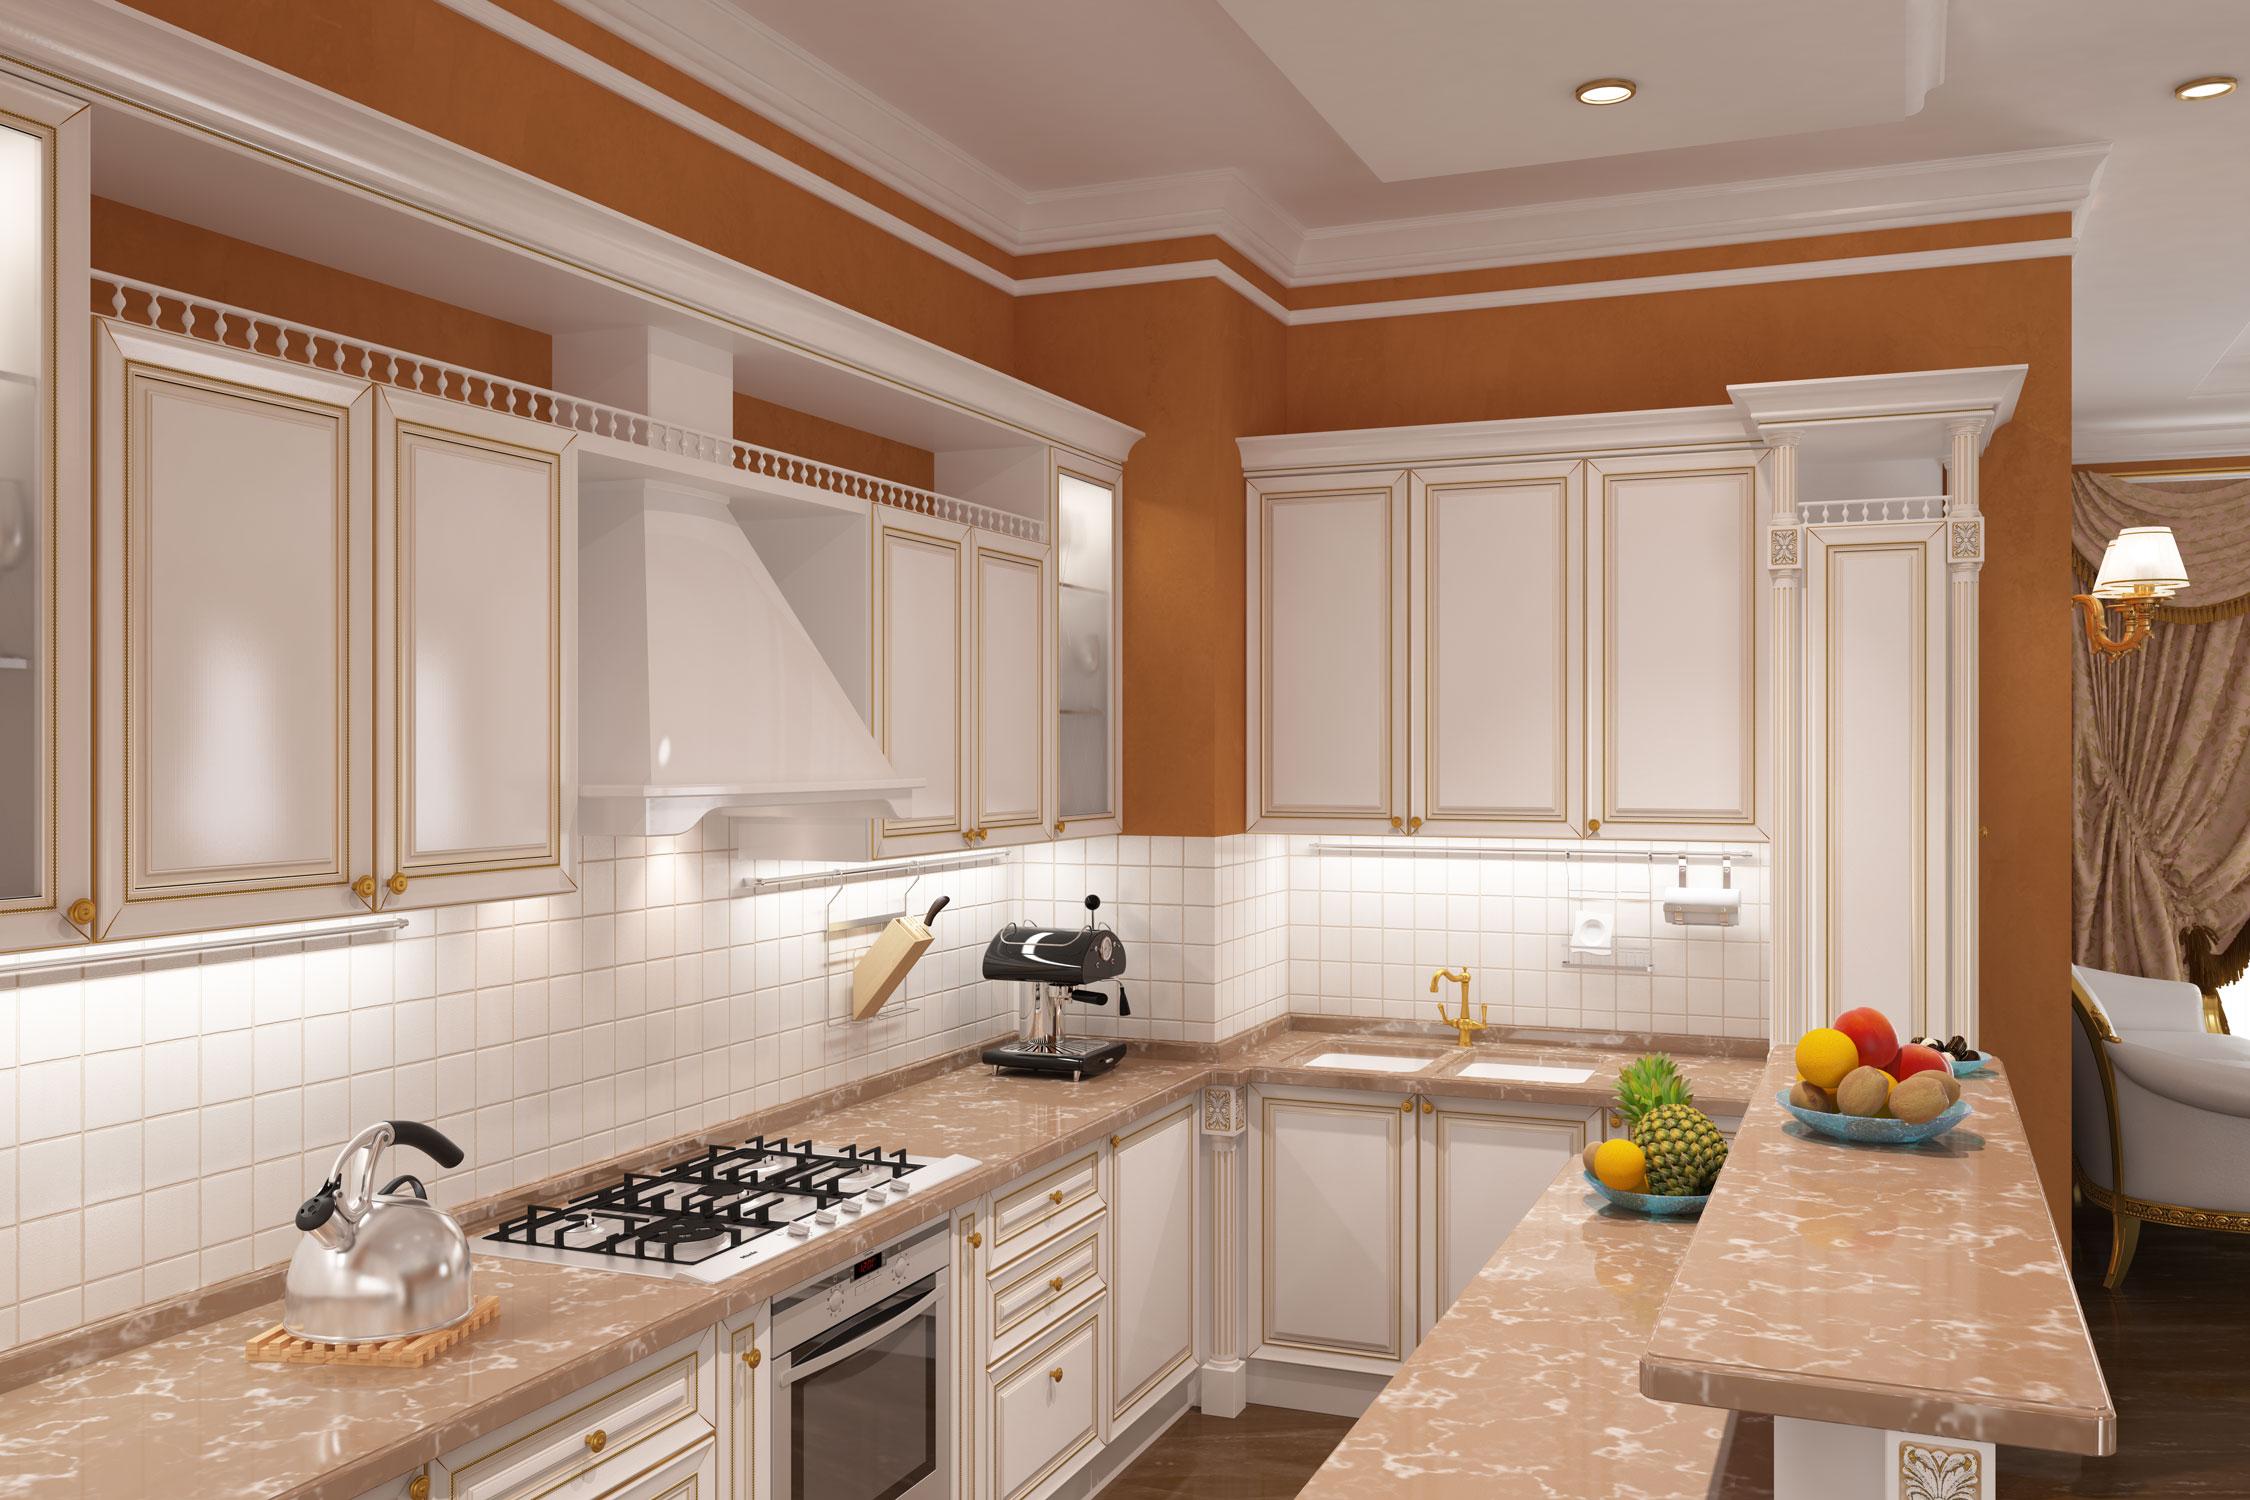 Эскиз кухни в стиле современная классика. Ракурс - от острова.